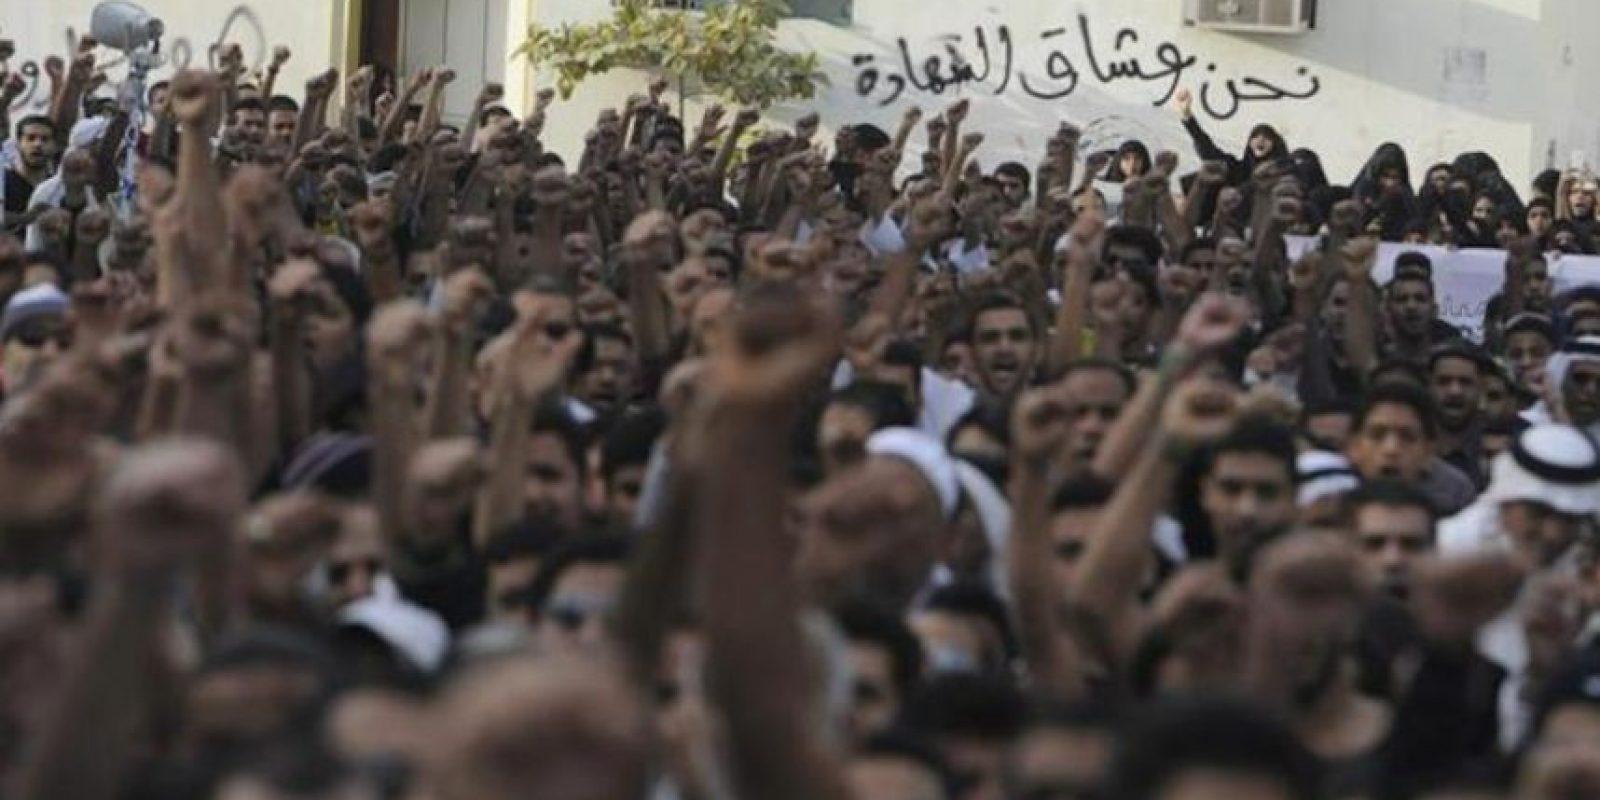 Las fuerzas de seguridad dispararon gases lacrimógenos y persiguieron a los manifestantes en las aldeas de Sanabis, Daih y Jid Hafs, en las inmediaciones de Manama. EFE